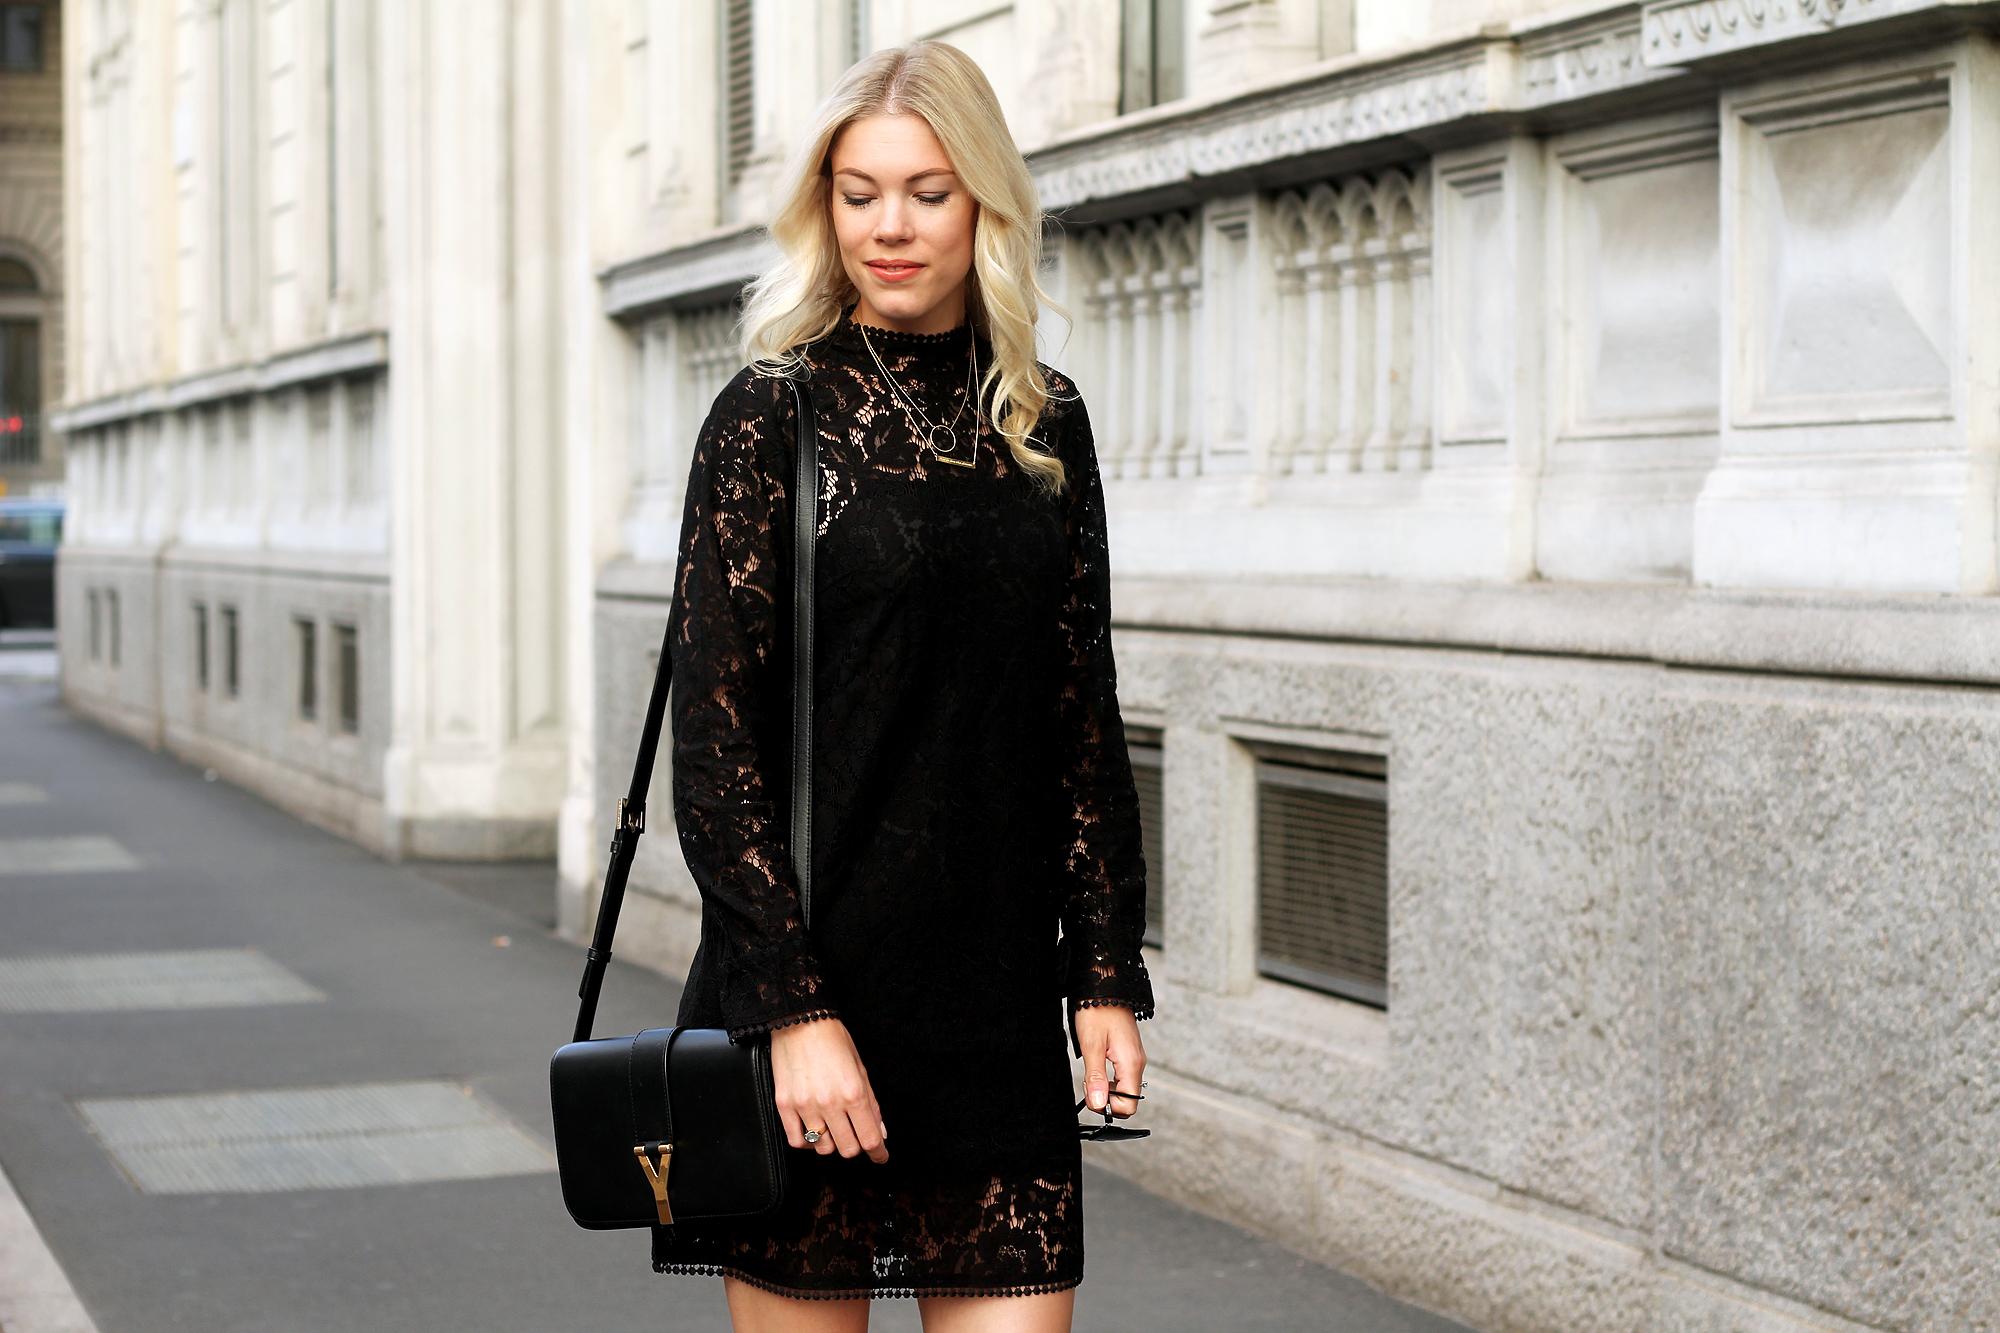 mailand_fashionweek_hm_kleid_spitze_bearbeitet-2